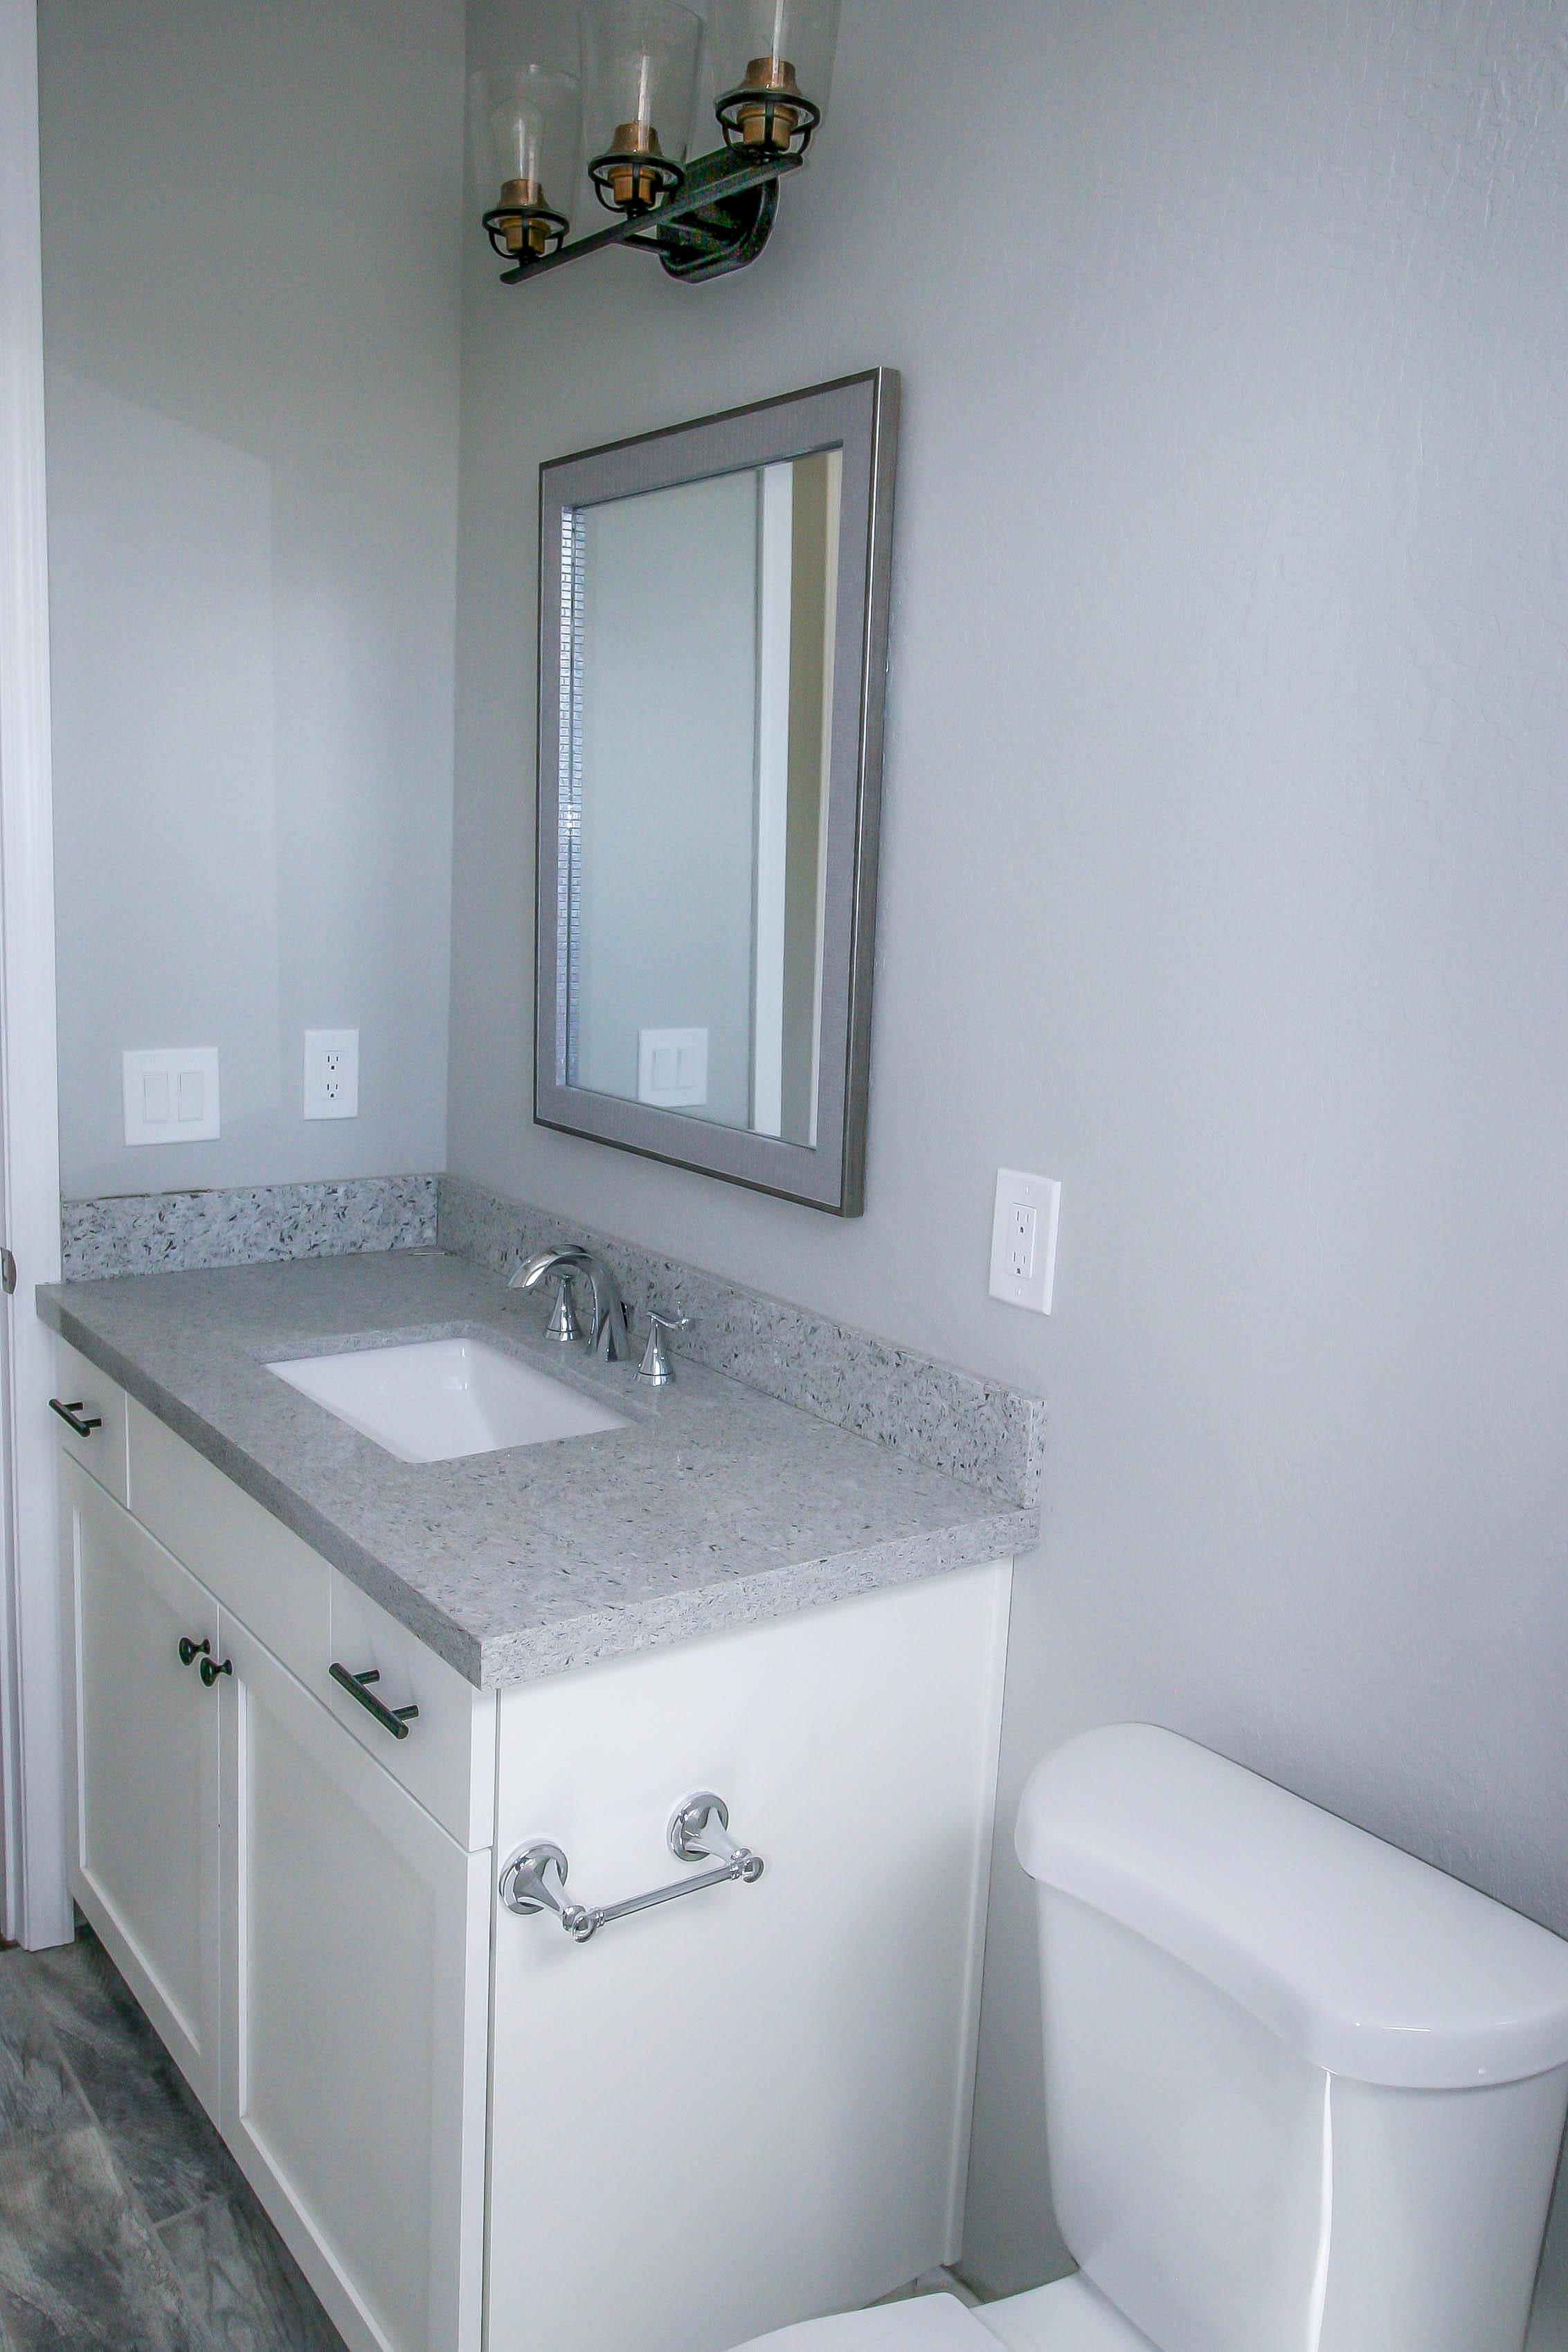 girardbathroom1.jpg